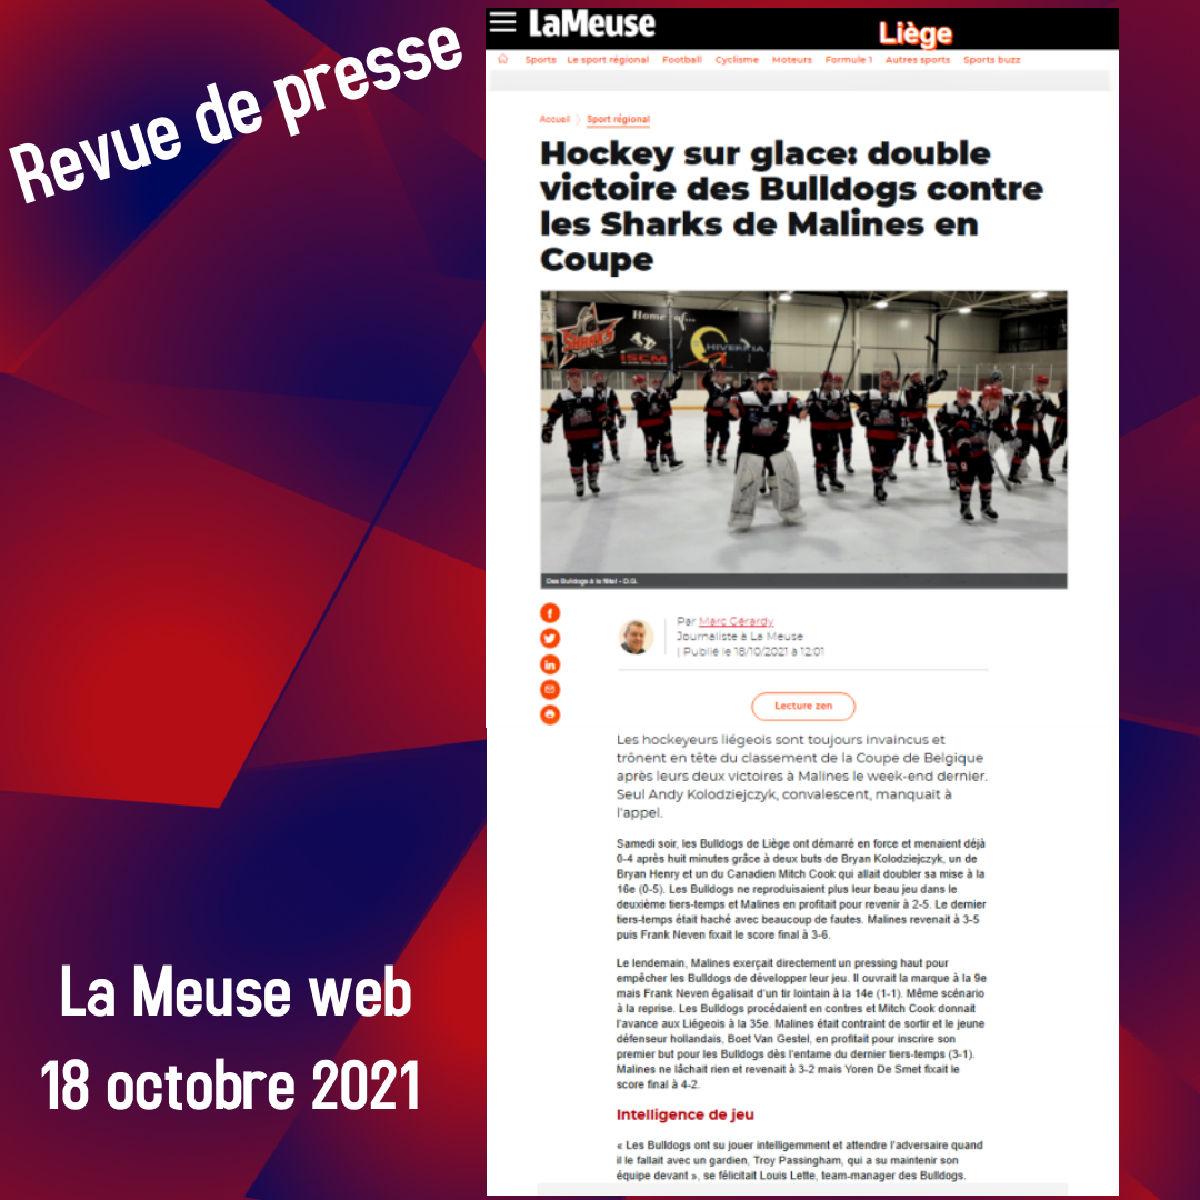 Revue de presse - La Meuse web 18 octobre 2021